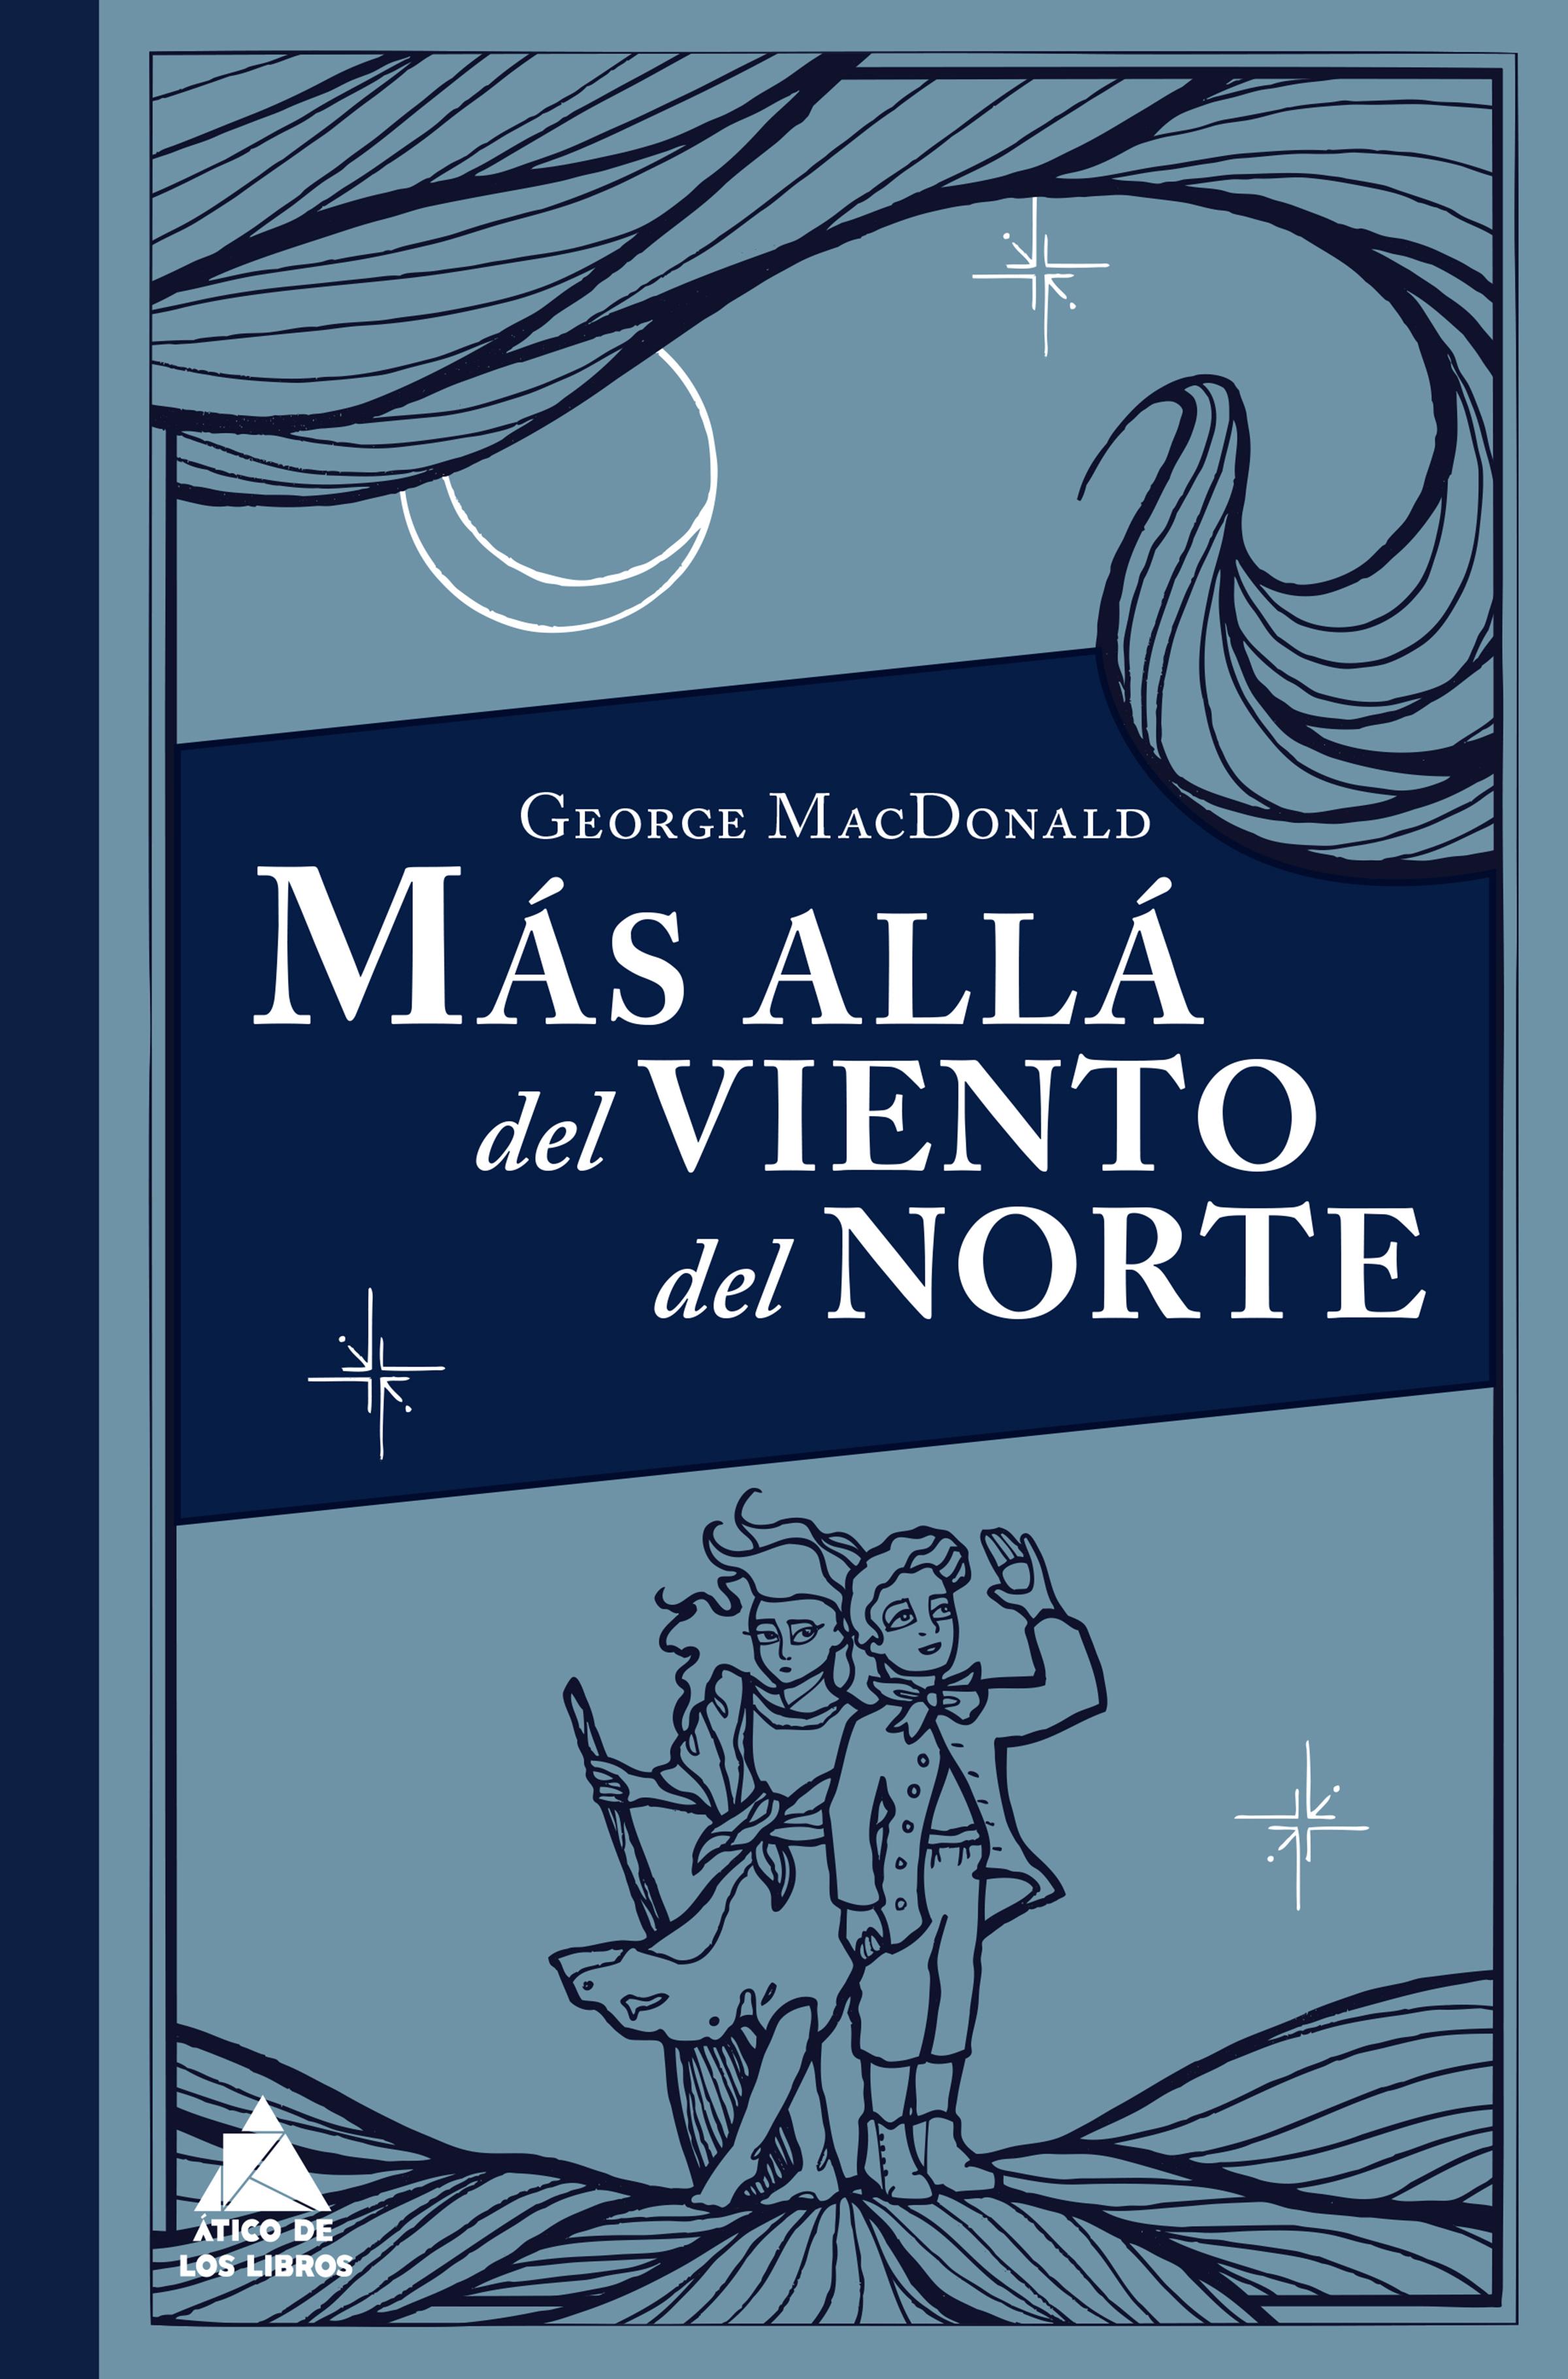 цена на George MacDonald Más allá del viento del norte